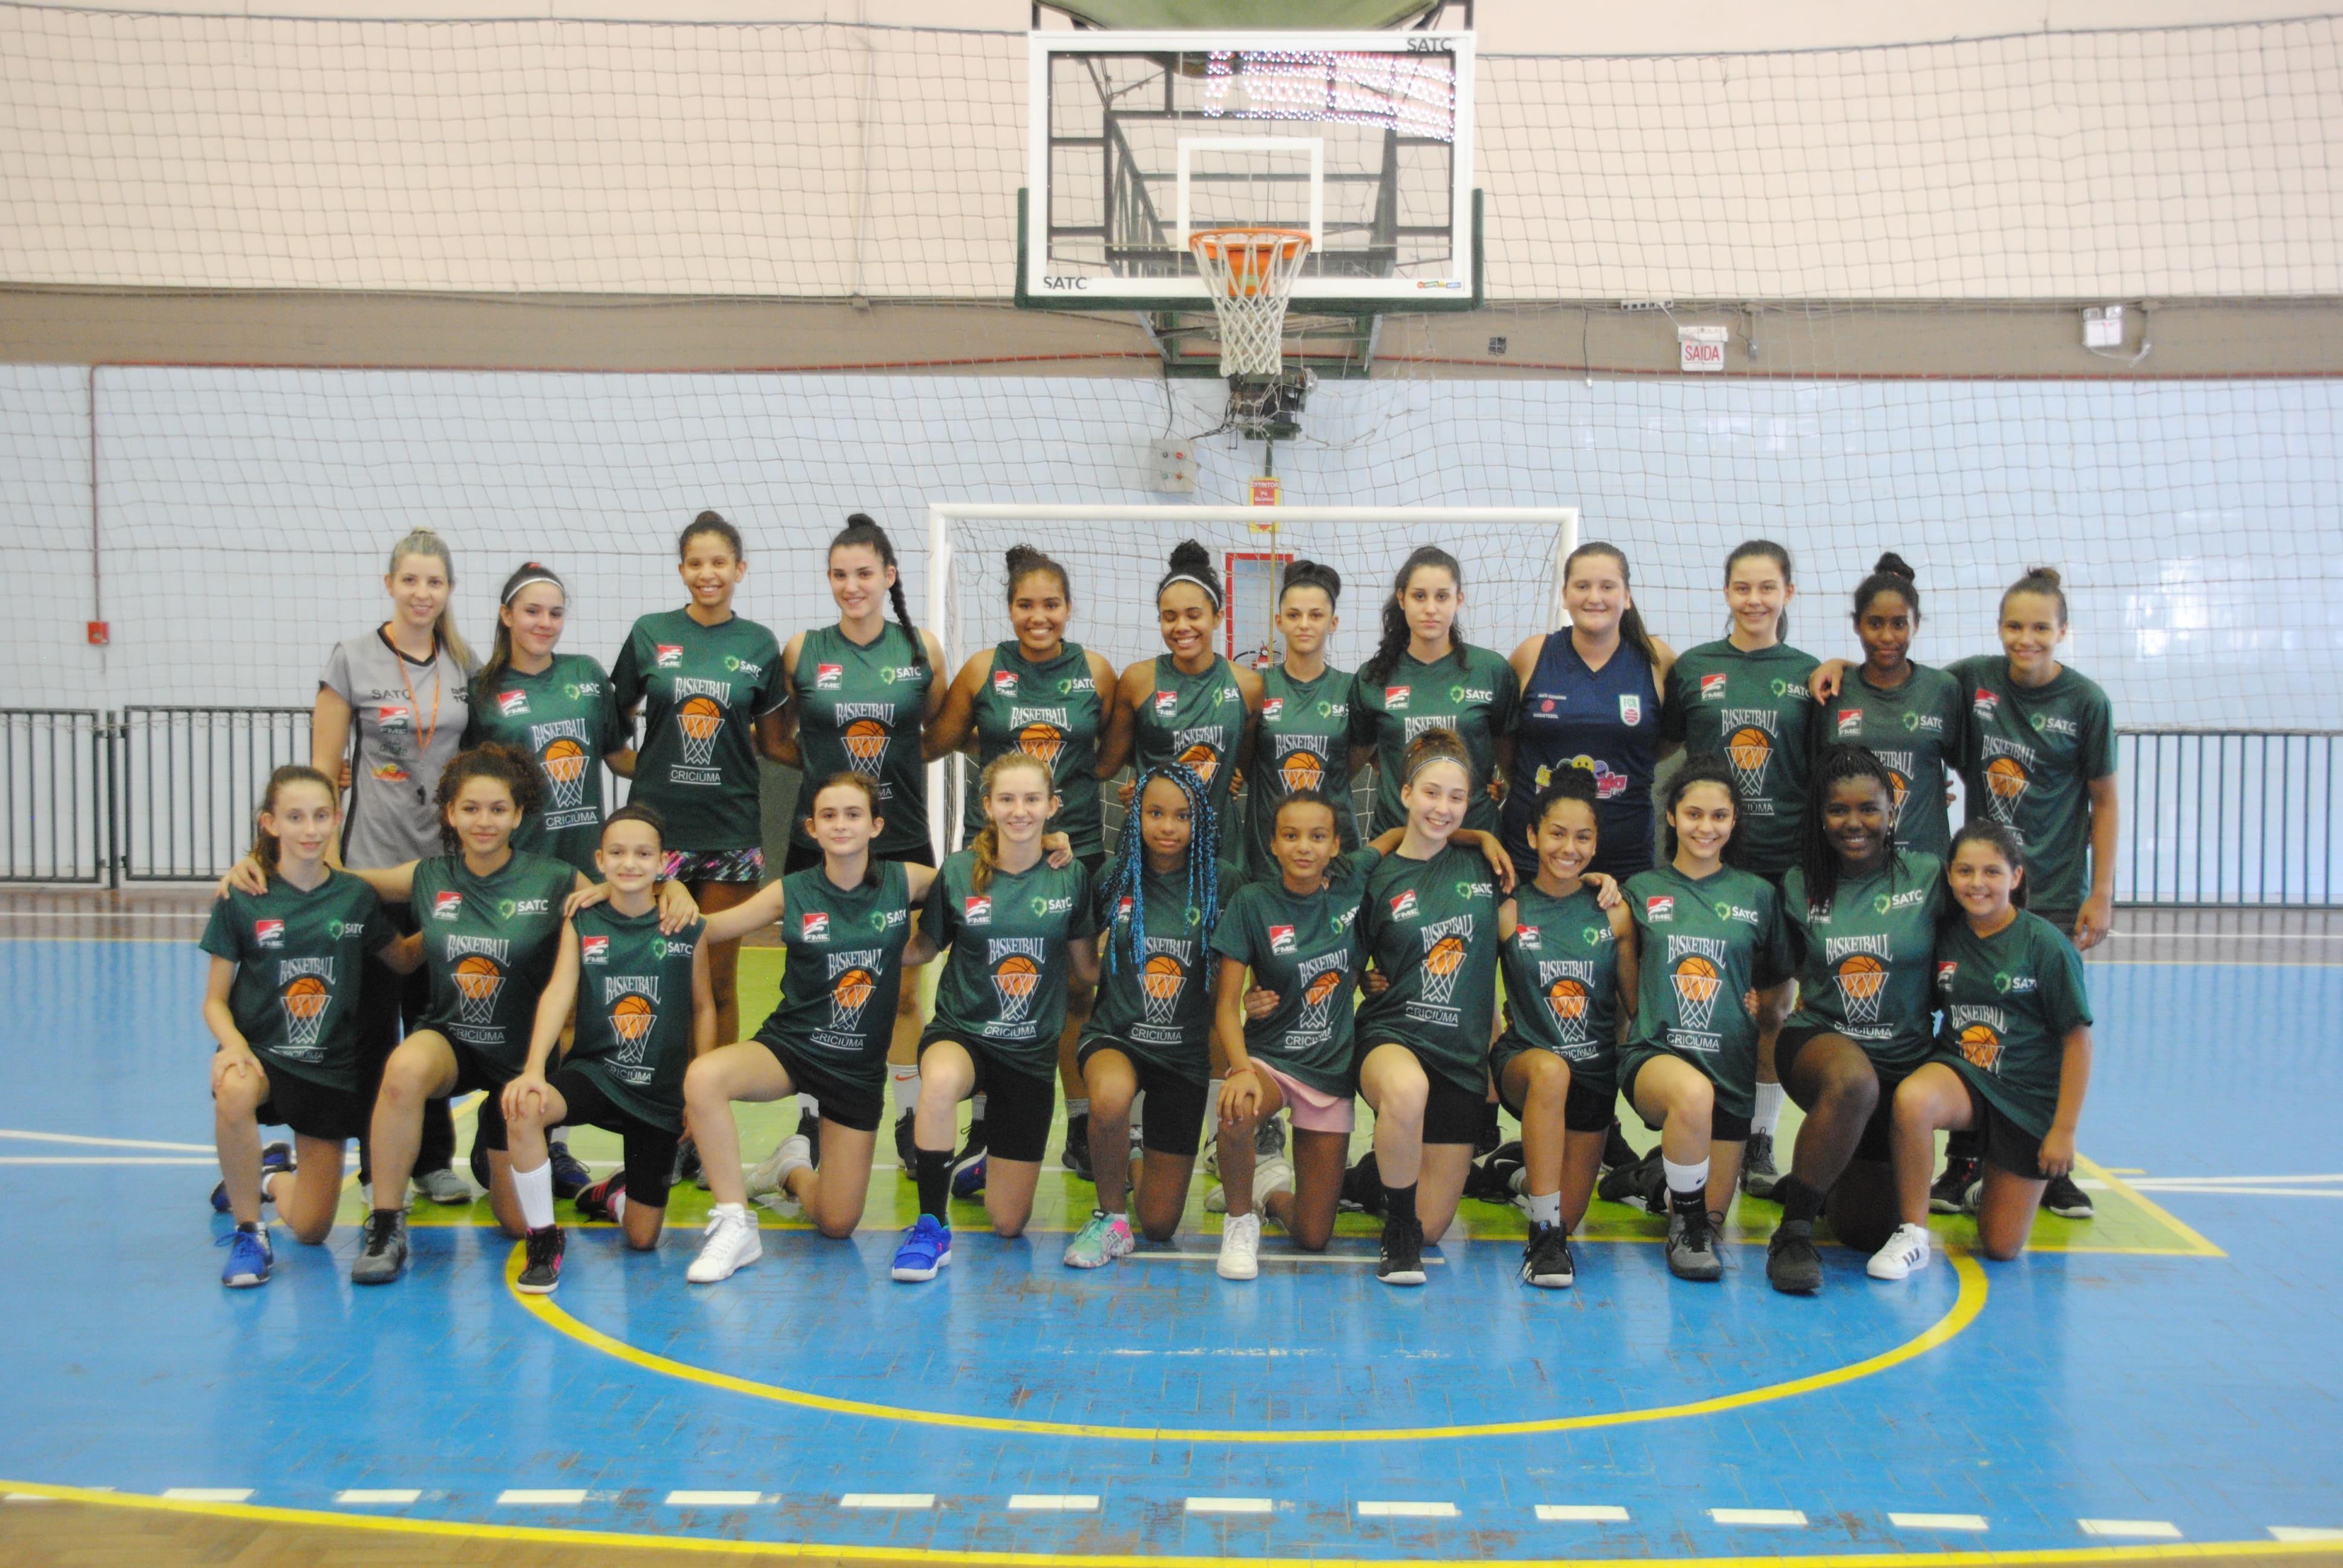 Basquete feminino de Criciúma joga neste fim de semana visando Campeonato Brasileiro